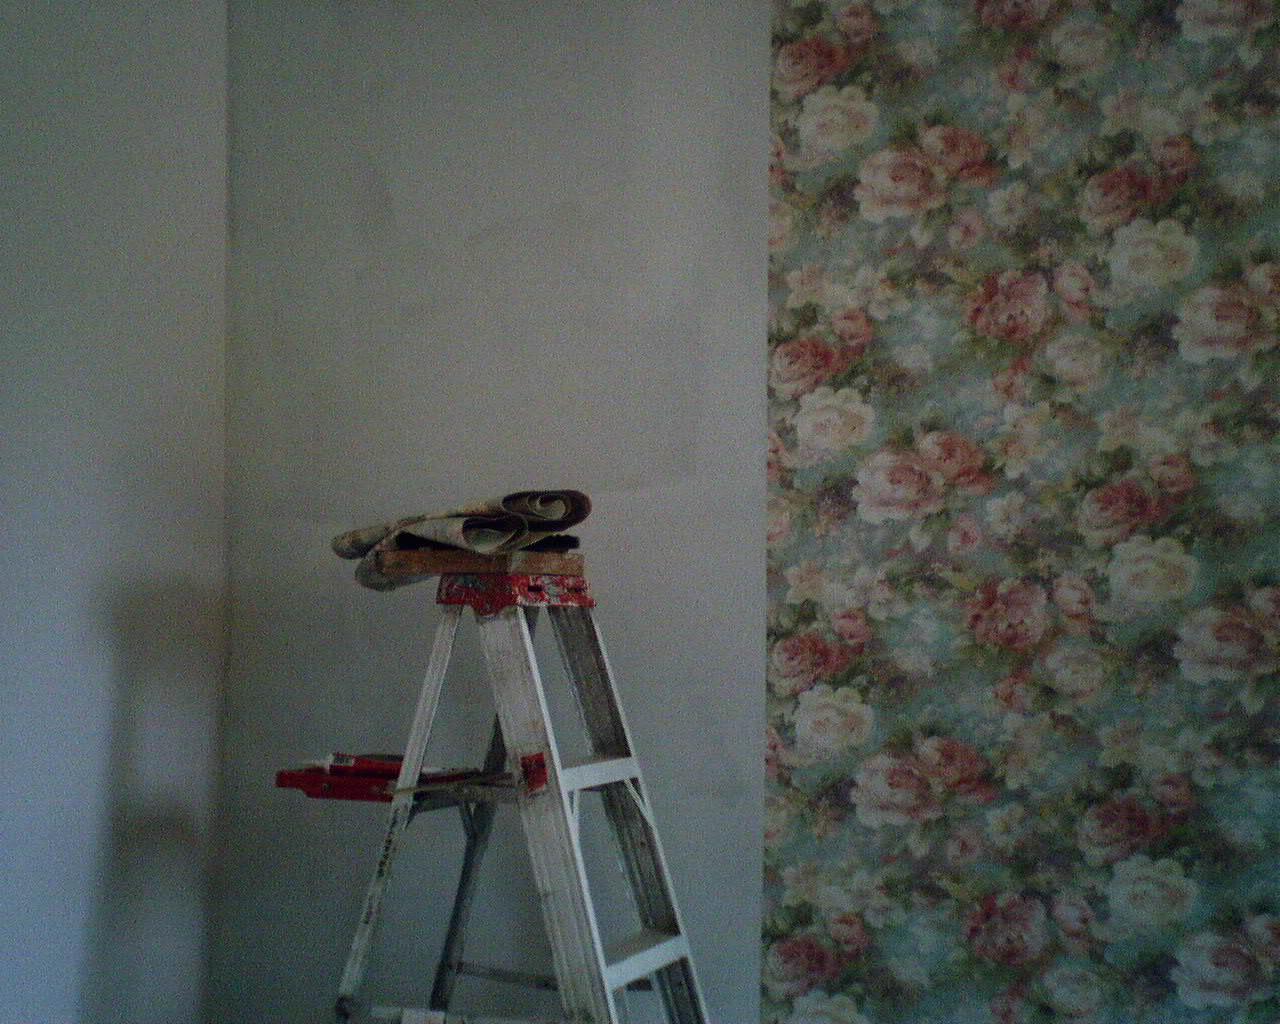 wallpaper hanger houston  Wallpaperladys Blog